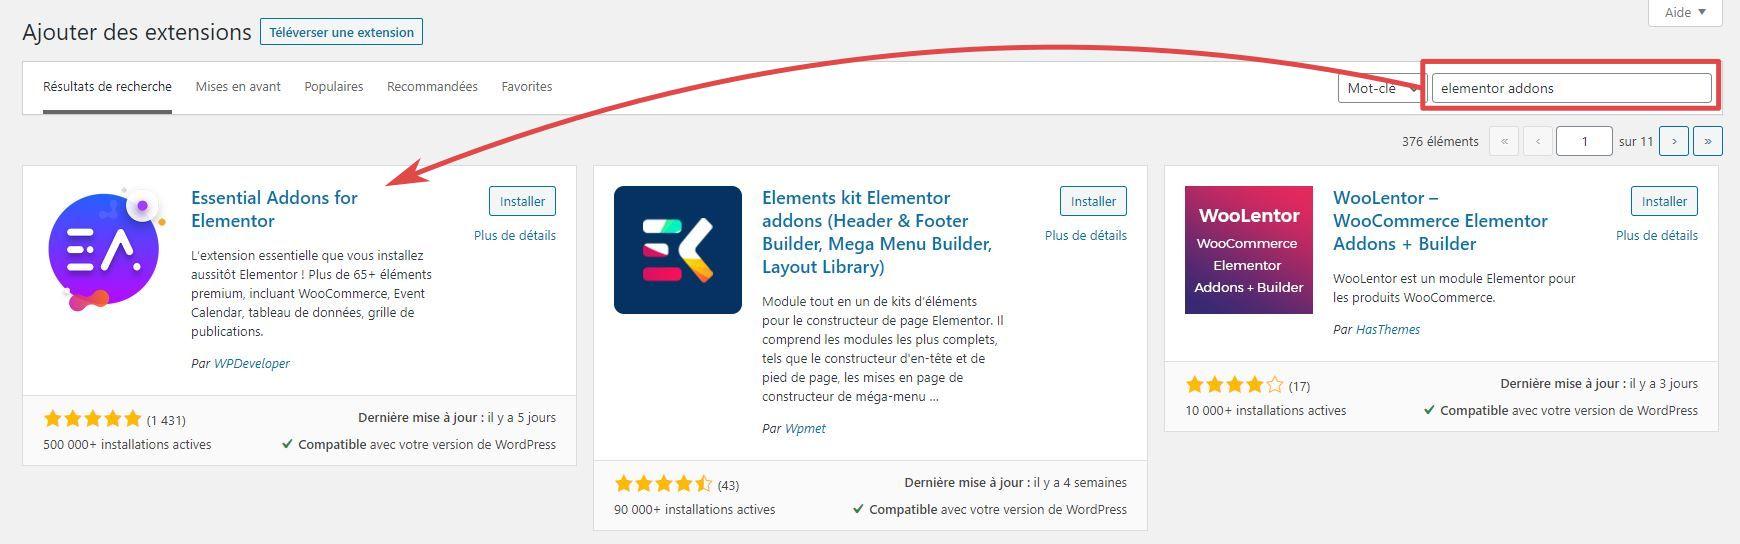 Page d'ajout d'extensions WordPress - zone de recherche - extension trouvée